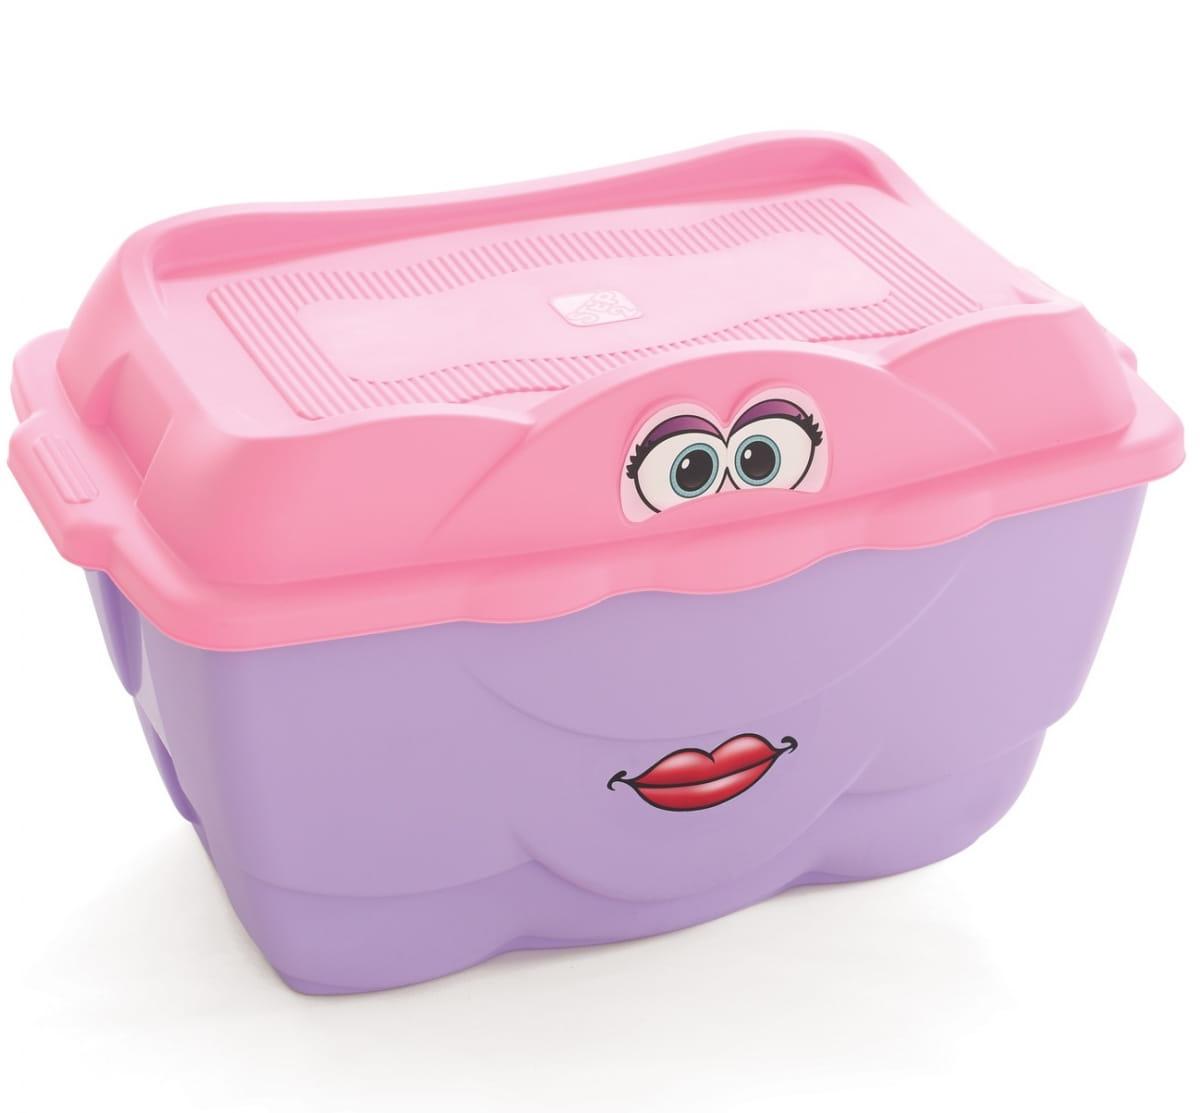 Контейнер для игрушек STEP2 Веселый контейнер - розовый (128 литров)